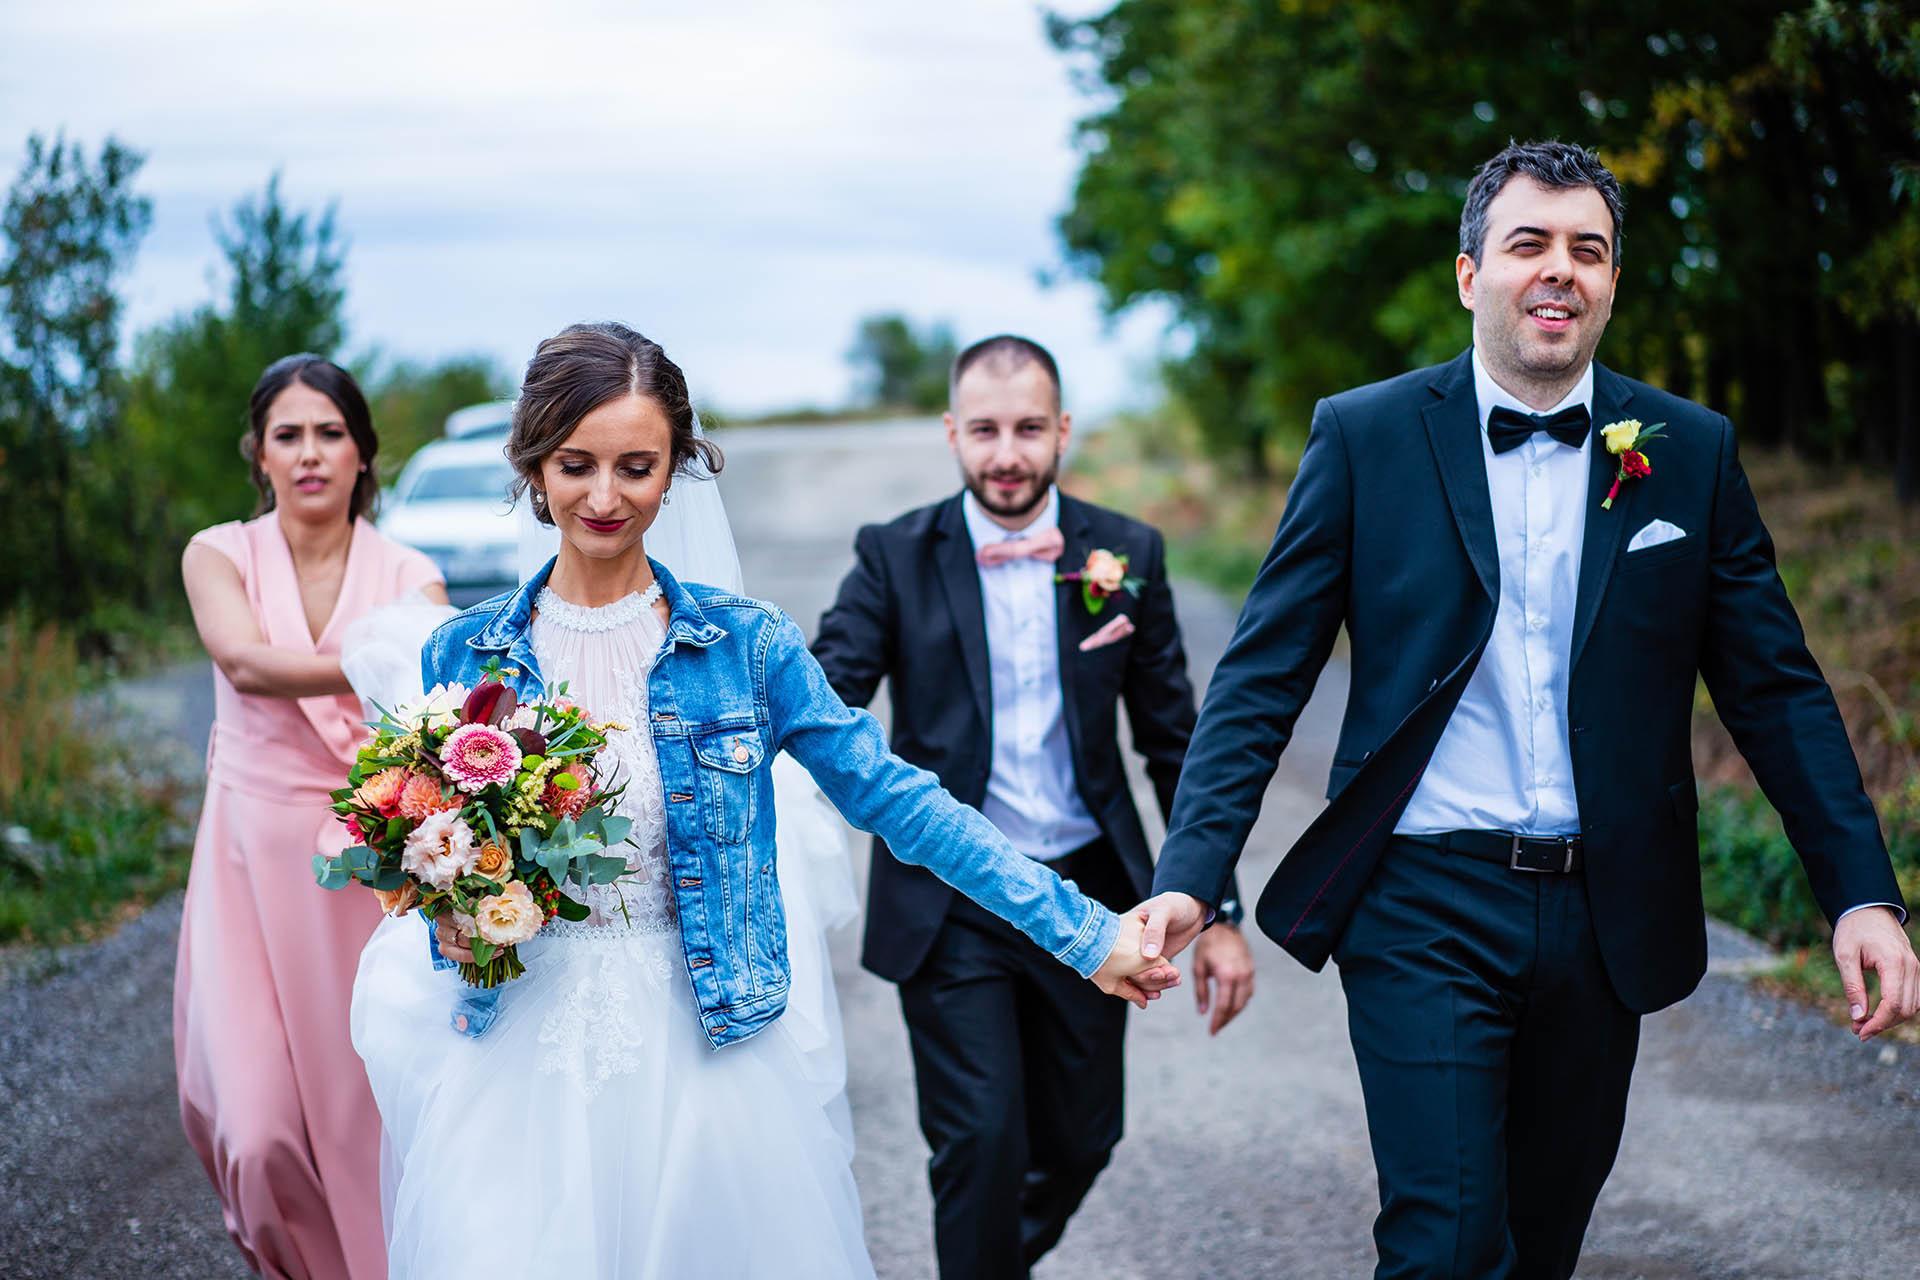 Villa Ekaterina Wedding Couple Image - Vakarel, Bulgaria | La sposa e lo sposo camminano mano nella mano lungo la strada